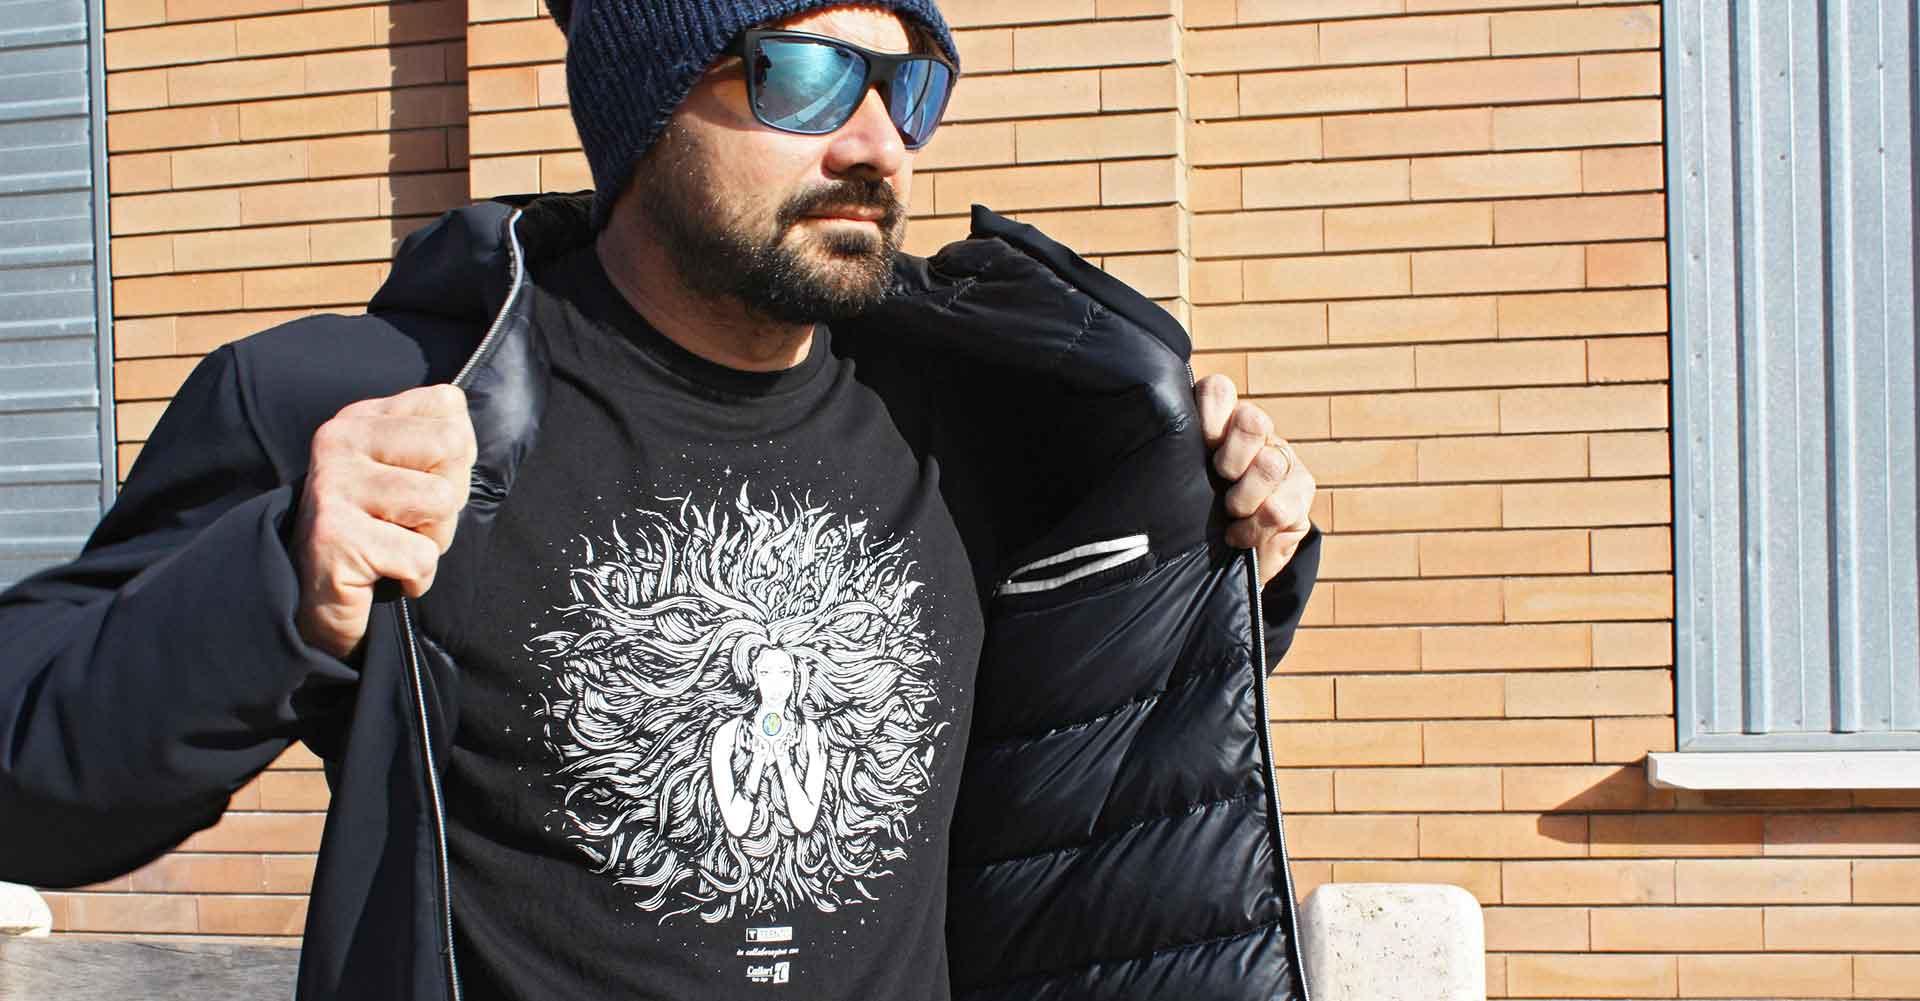 TEENTO Online Shop | T-shirt 100% Cotone Organico - homepage slide 6 TEENTO è il tuo nuovo negozio online! | Scopri le nostre magliette da uomo, donna e bambino | Indossa le t-shirt che più ti appassionano! Wear The Passion!